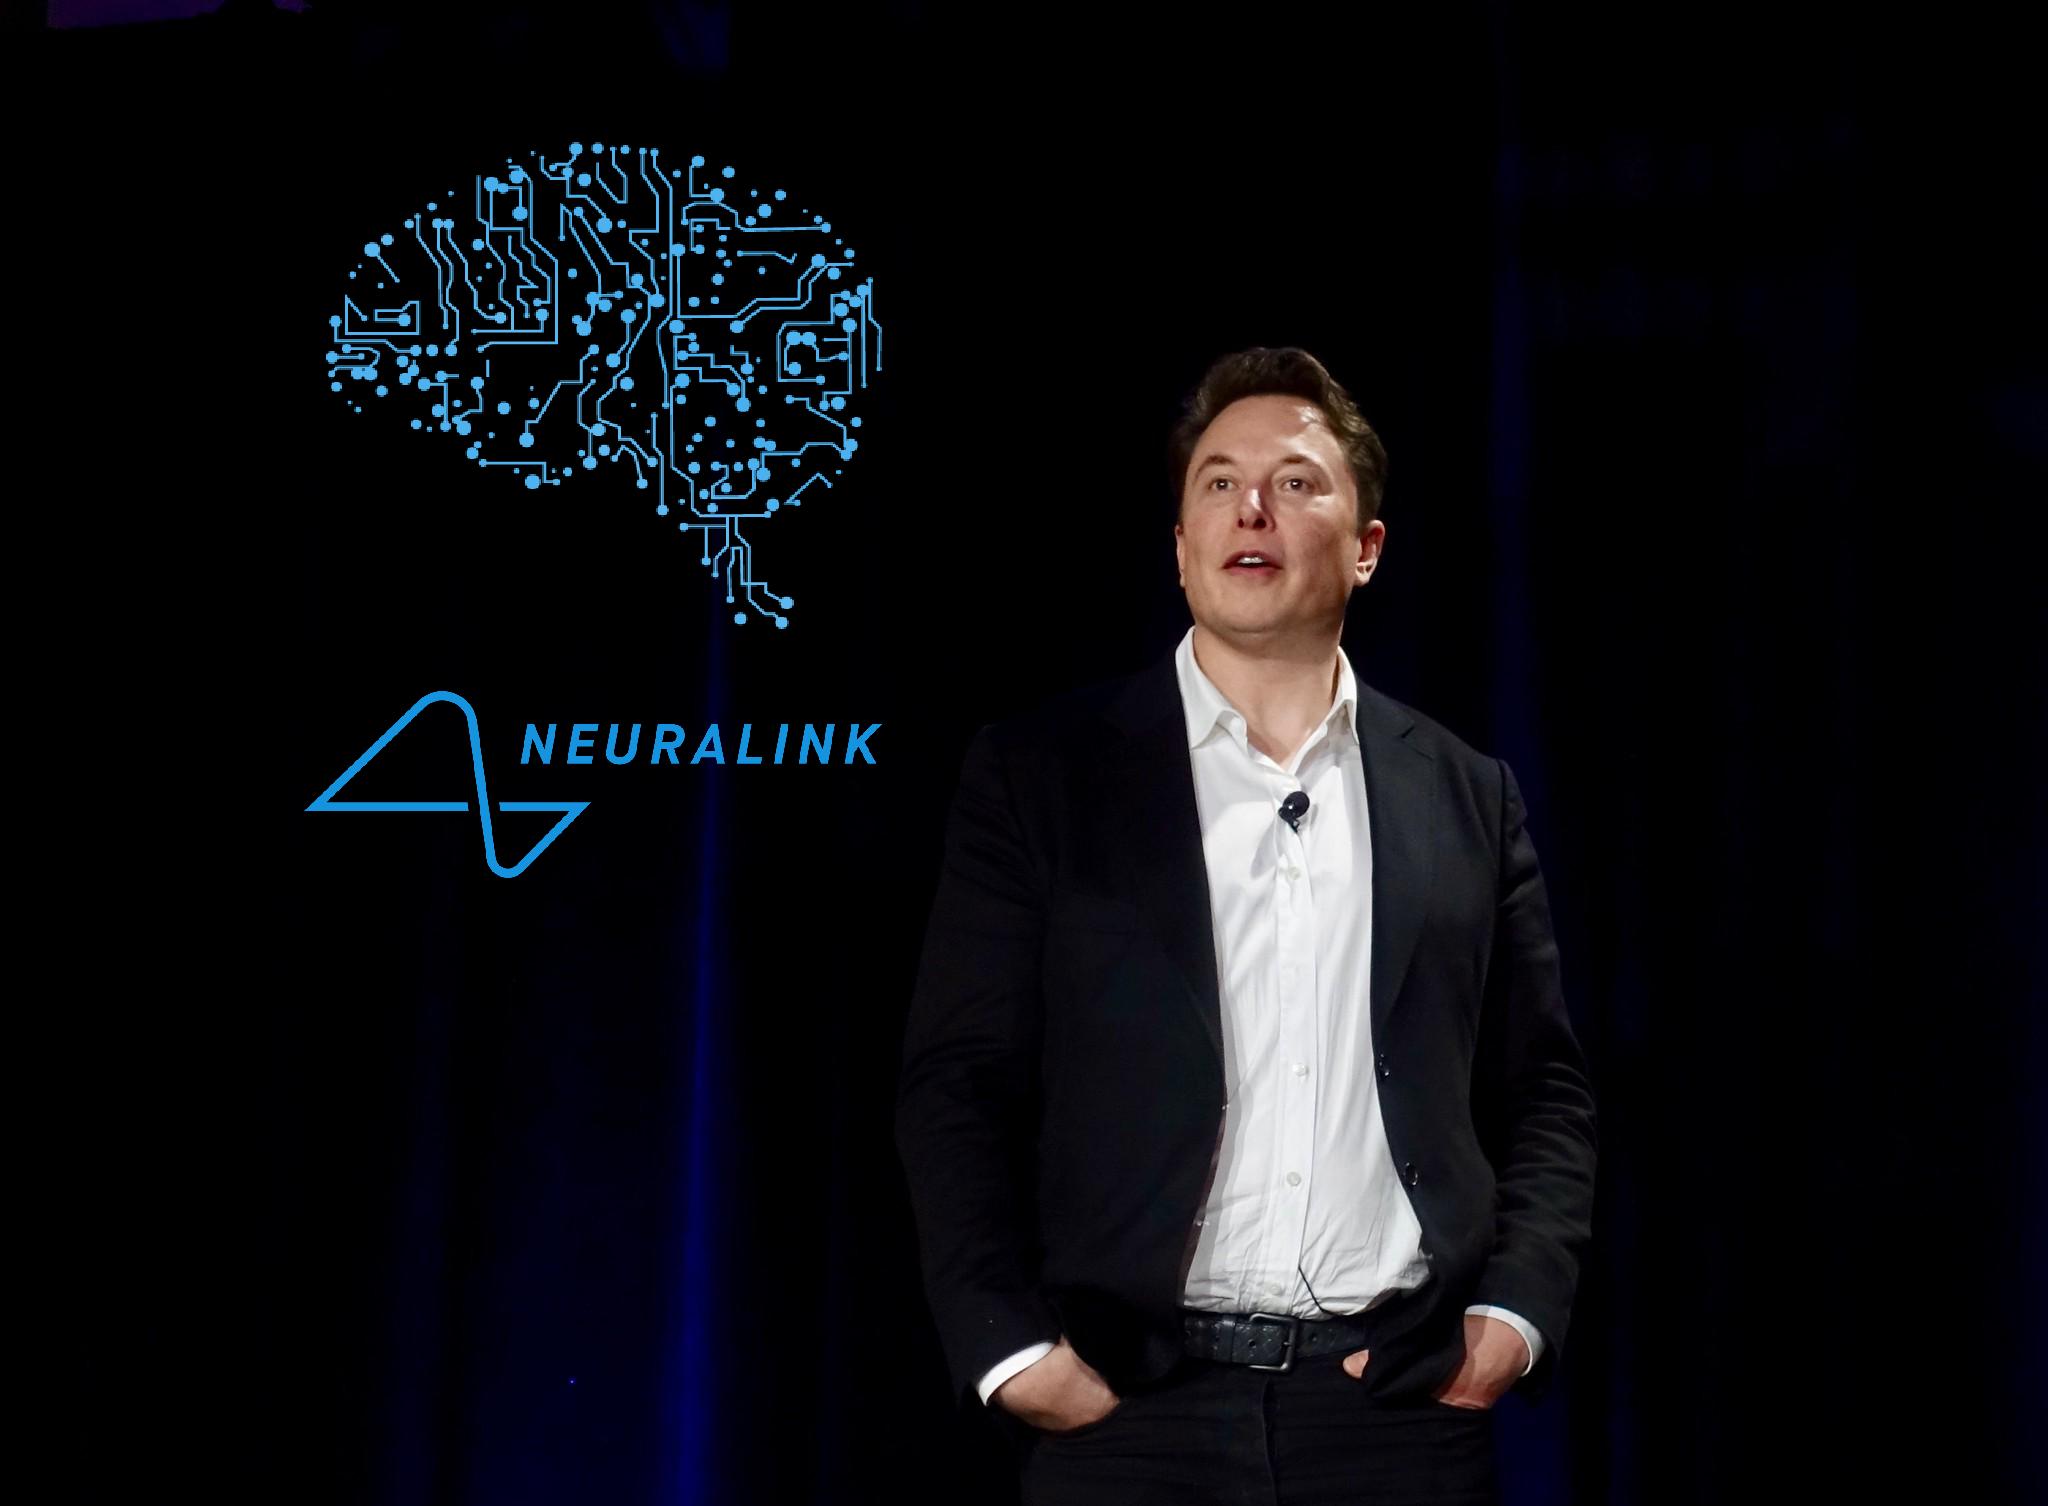 Implantes Neuralink devem ser testados em humanos em menos de um ano